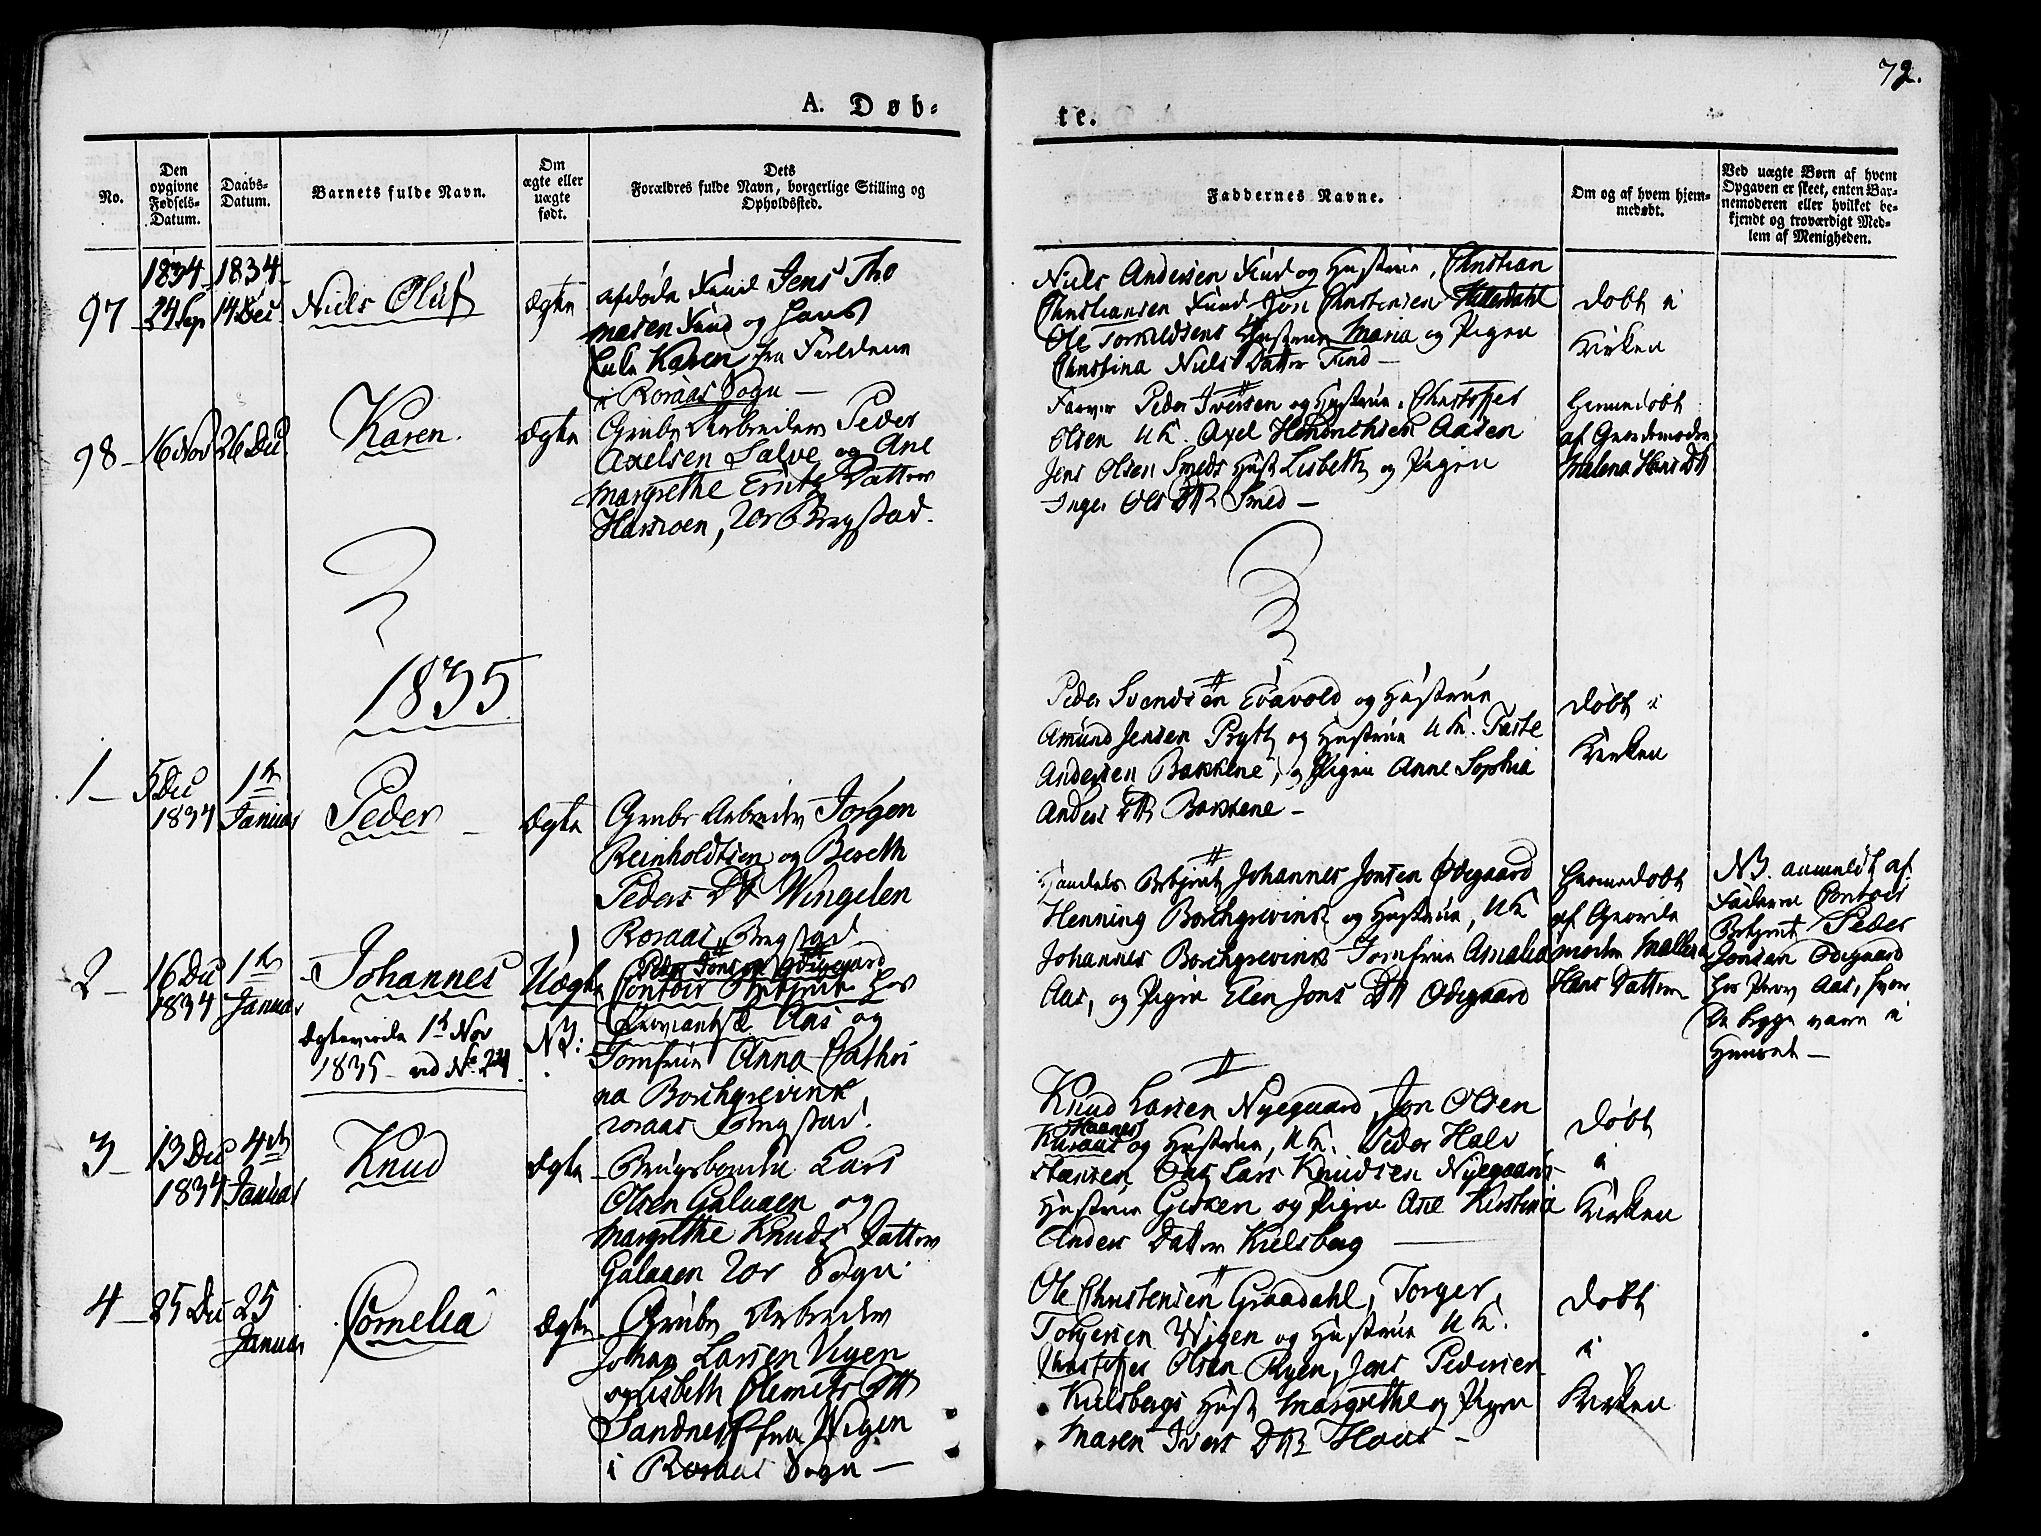 SAT, Ministerialprotokoller, klokkerbøker og fødselsregistre - Sør-Trøndelag, 681/L0930: Ministerialbok nr. 681A08, 1829-1844, s. 72